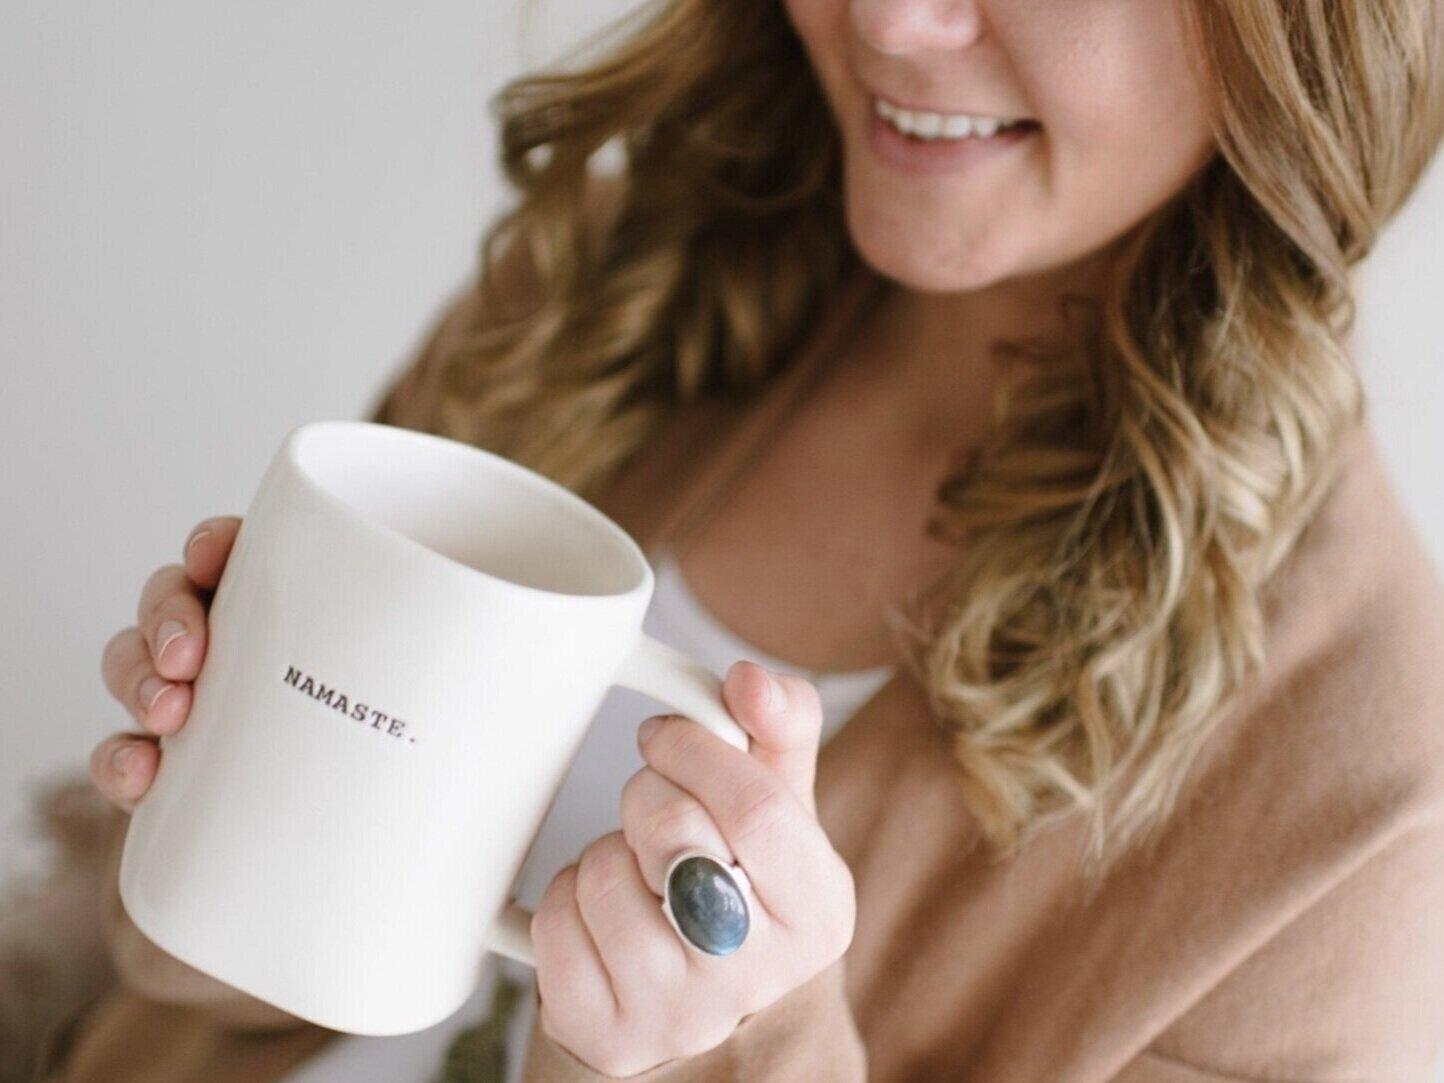 namastecoffee.jpg